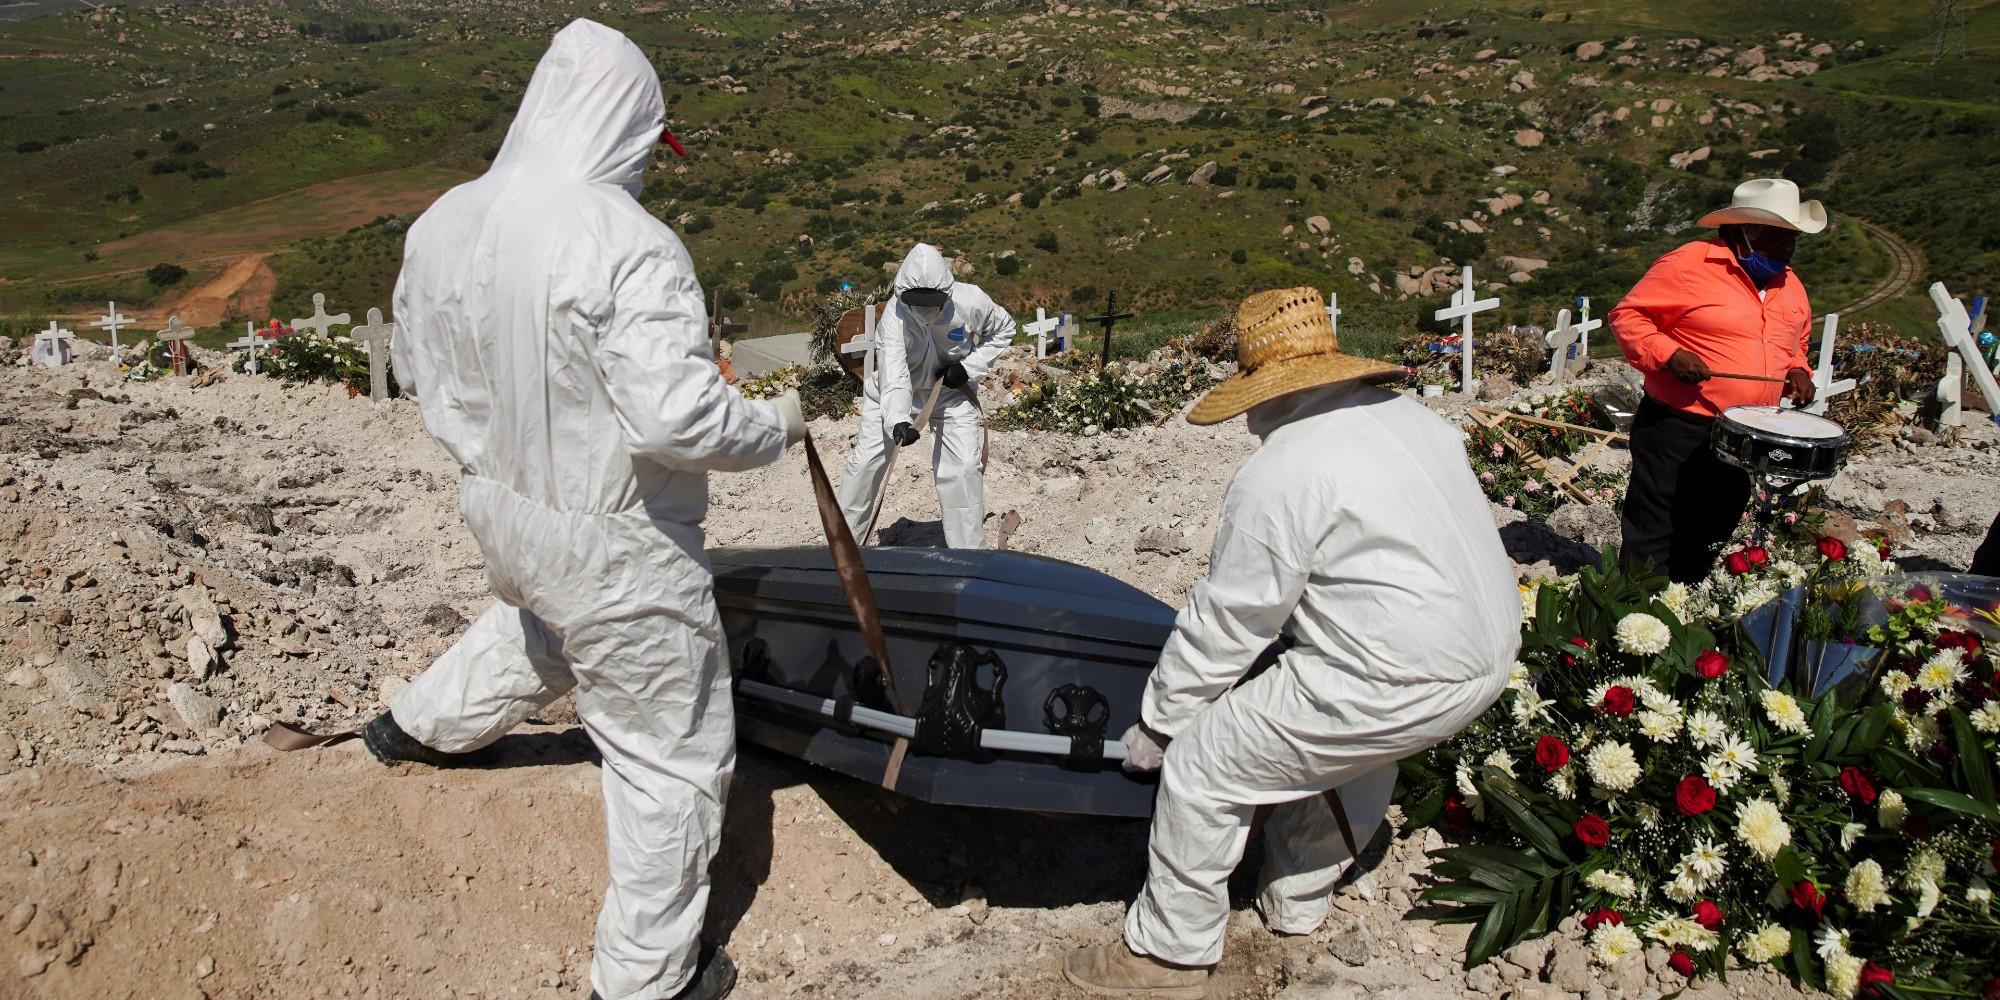 Tijuana tiene 2 veces más muertes por Covid-19 que el resto de México